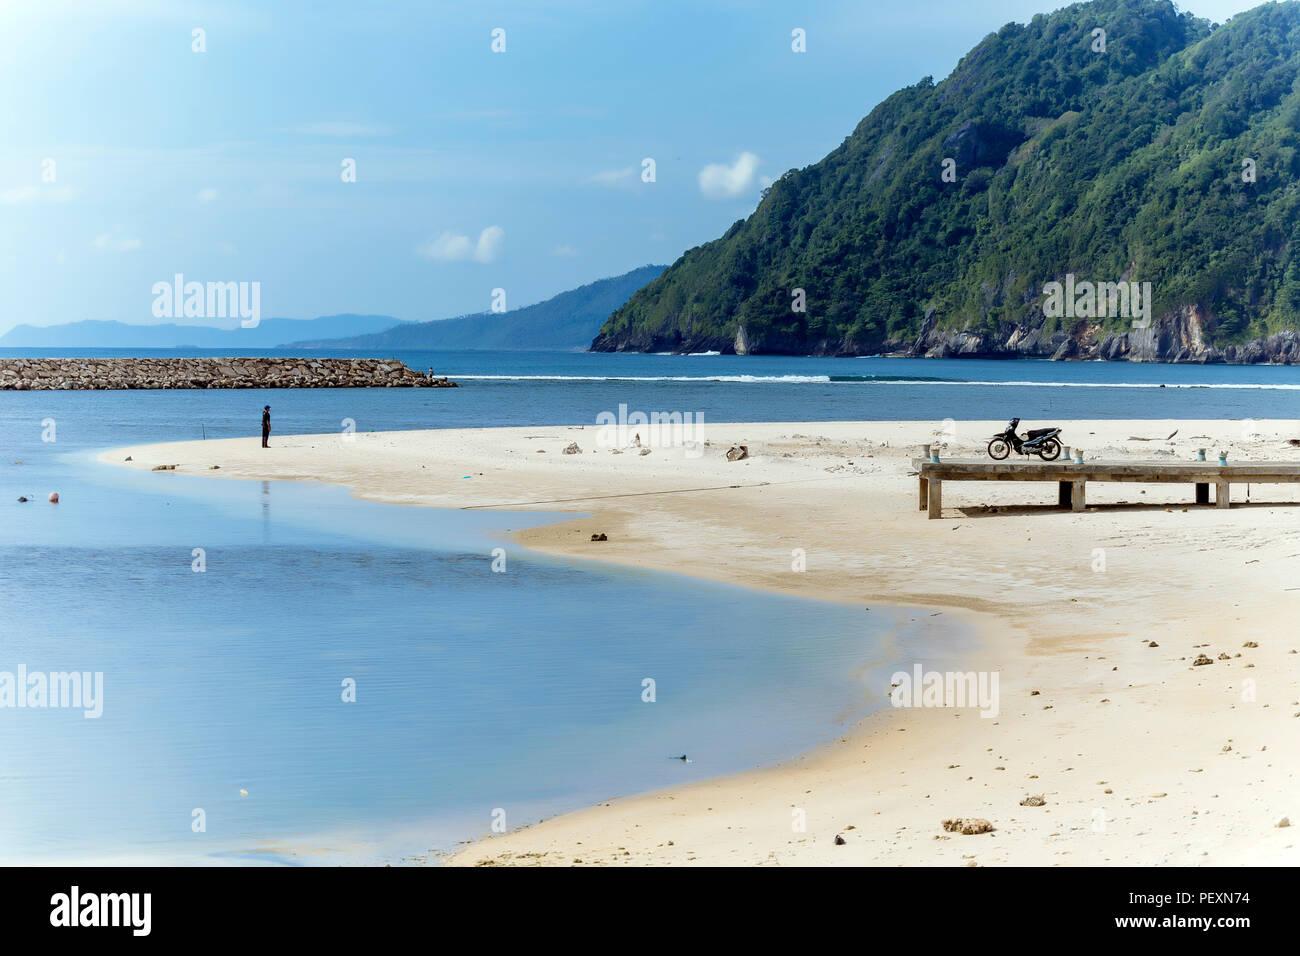 Vista della spiaggia, Banda Aceh e Sumatra, Indonesia Immagini Stock